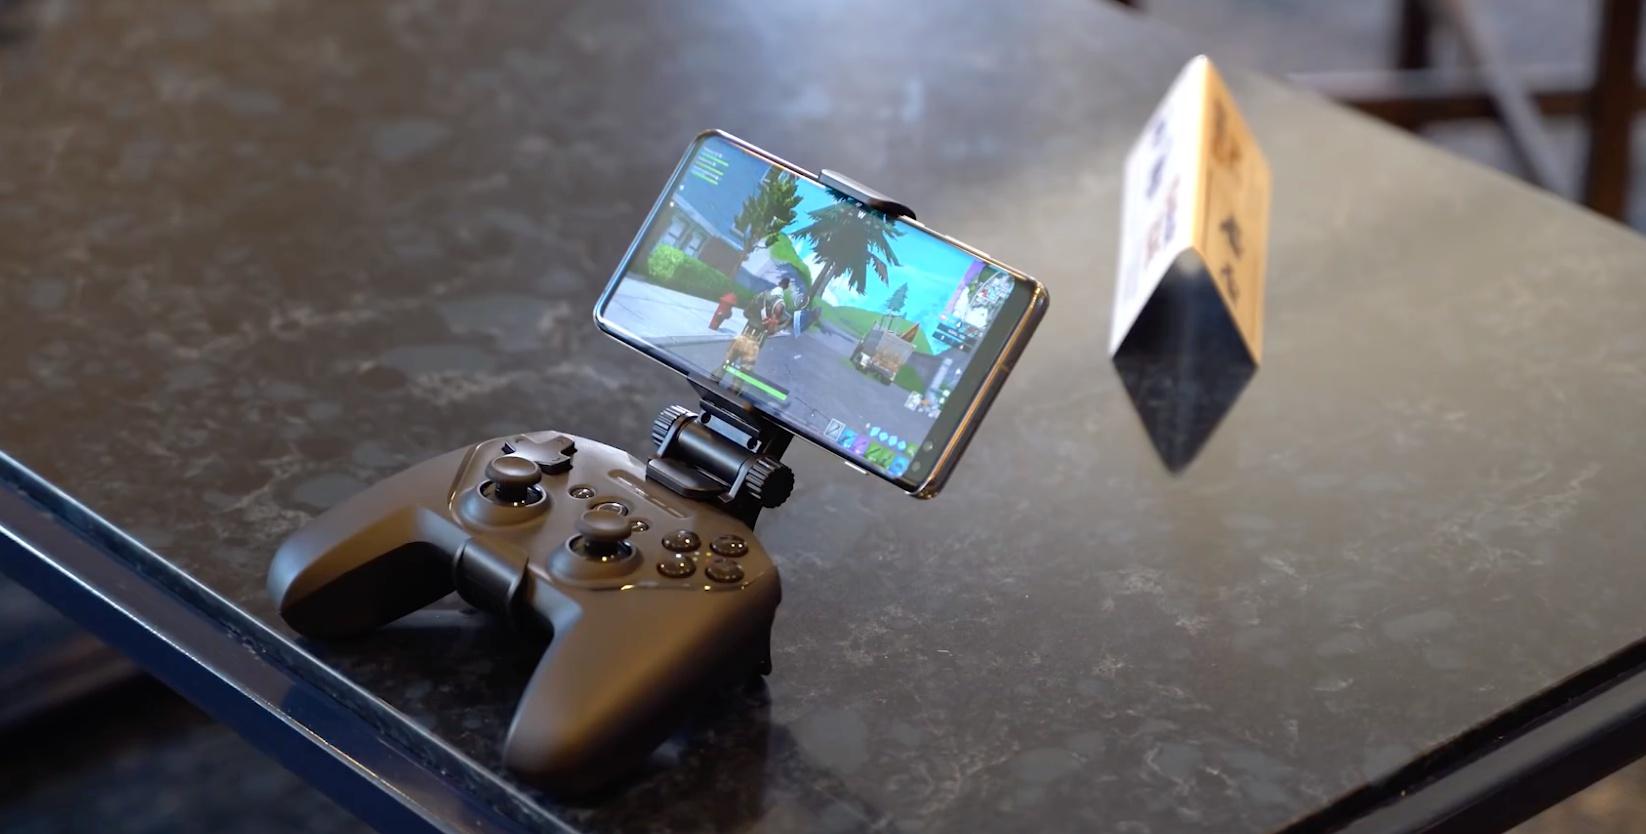 Chơi game cực đỉnh trên Galaxy S10+ mà không cần các dàn máy game chuyên nghiệp